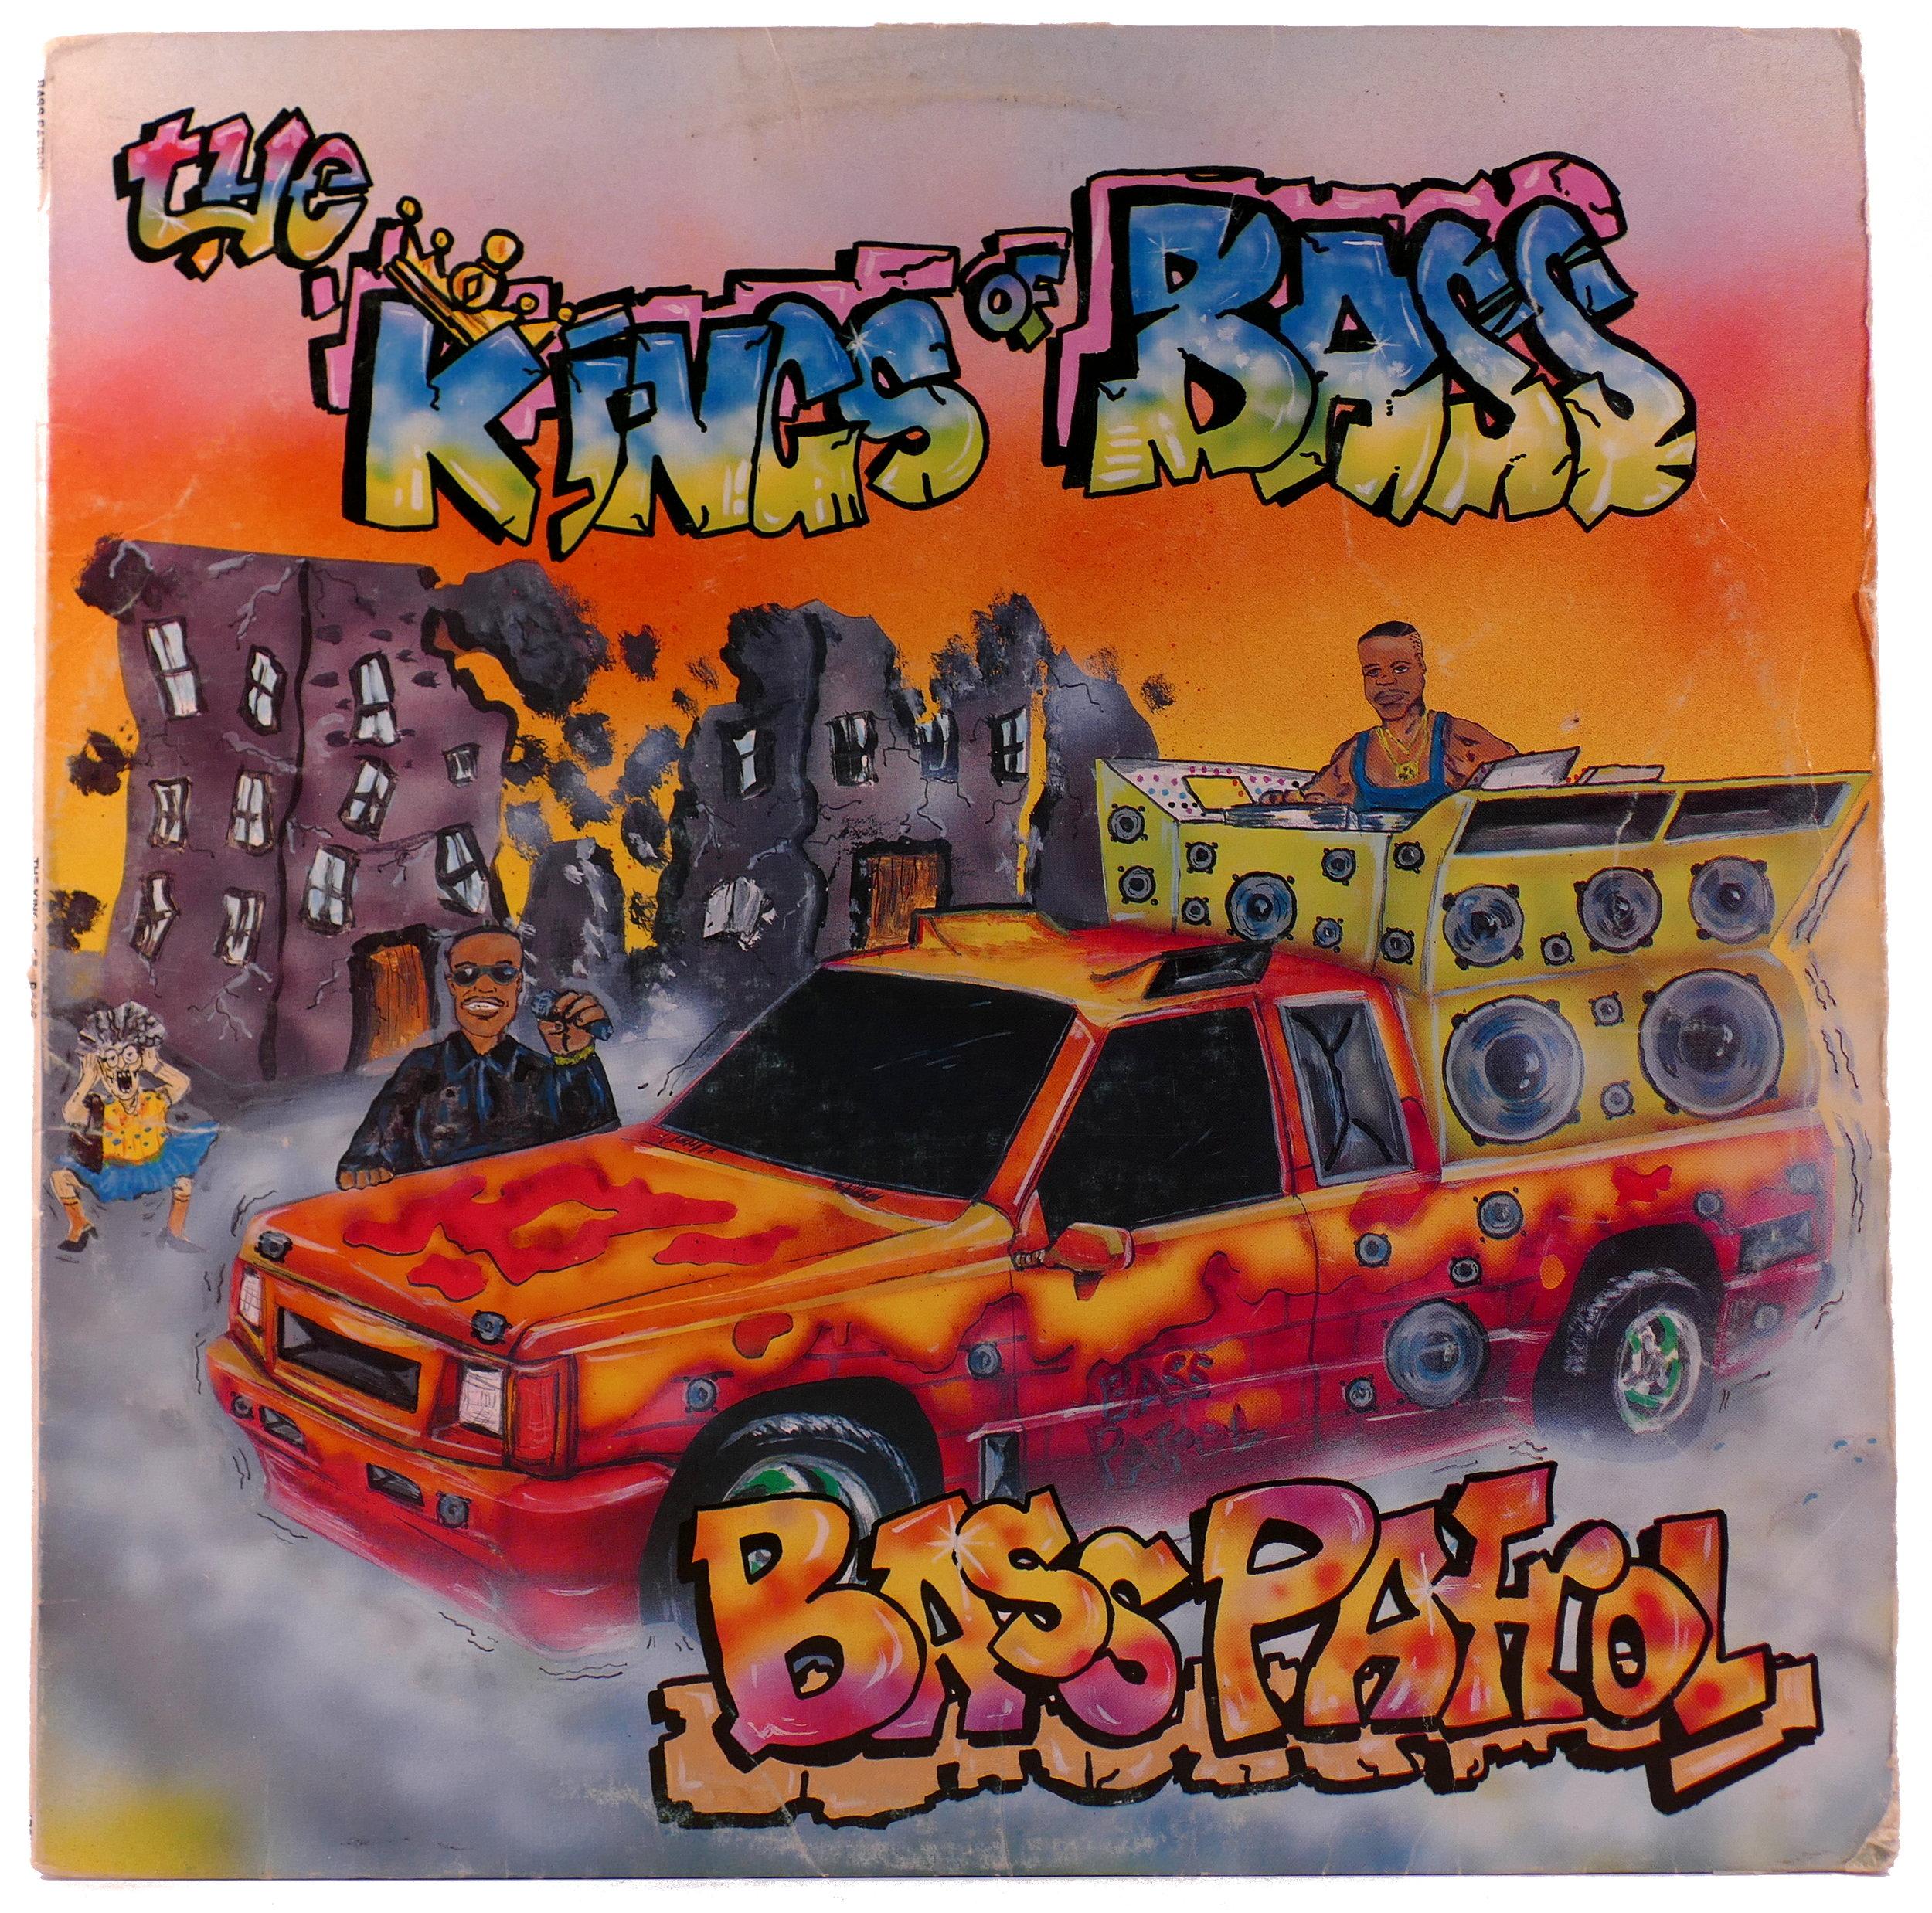 WLWLTDOO-1992-LP-BASSPATROL-KINGS-COVER.JPG